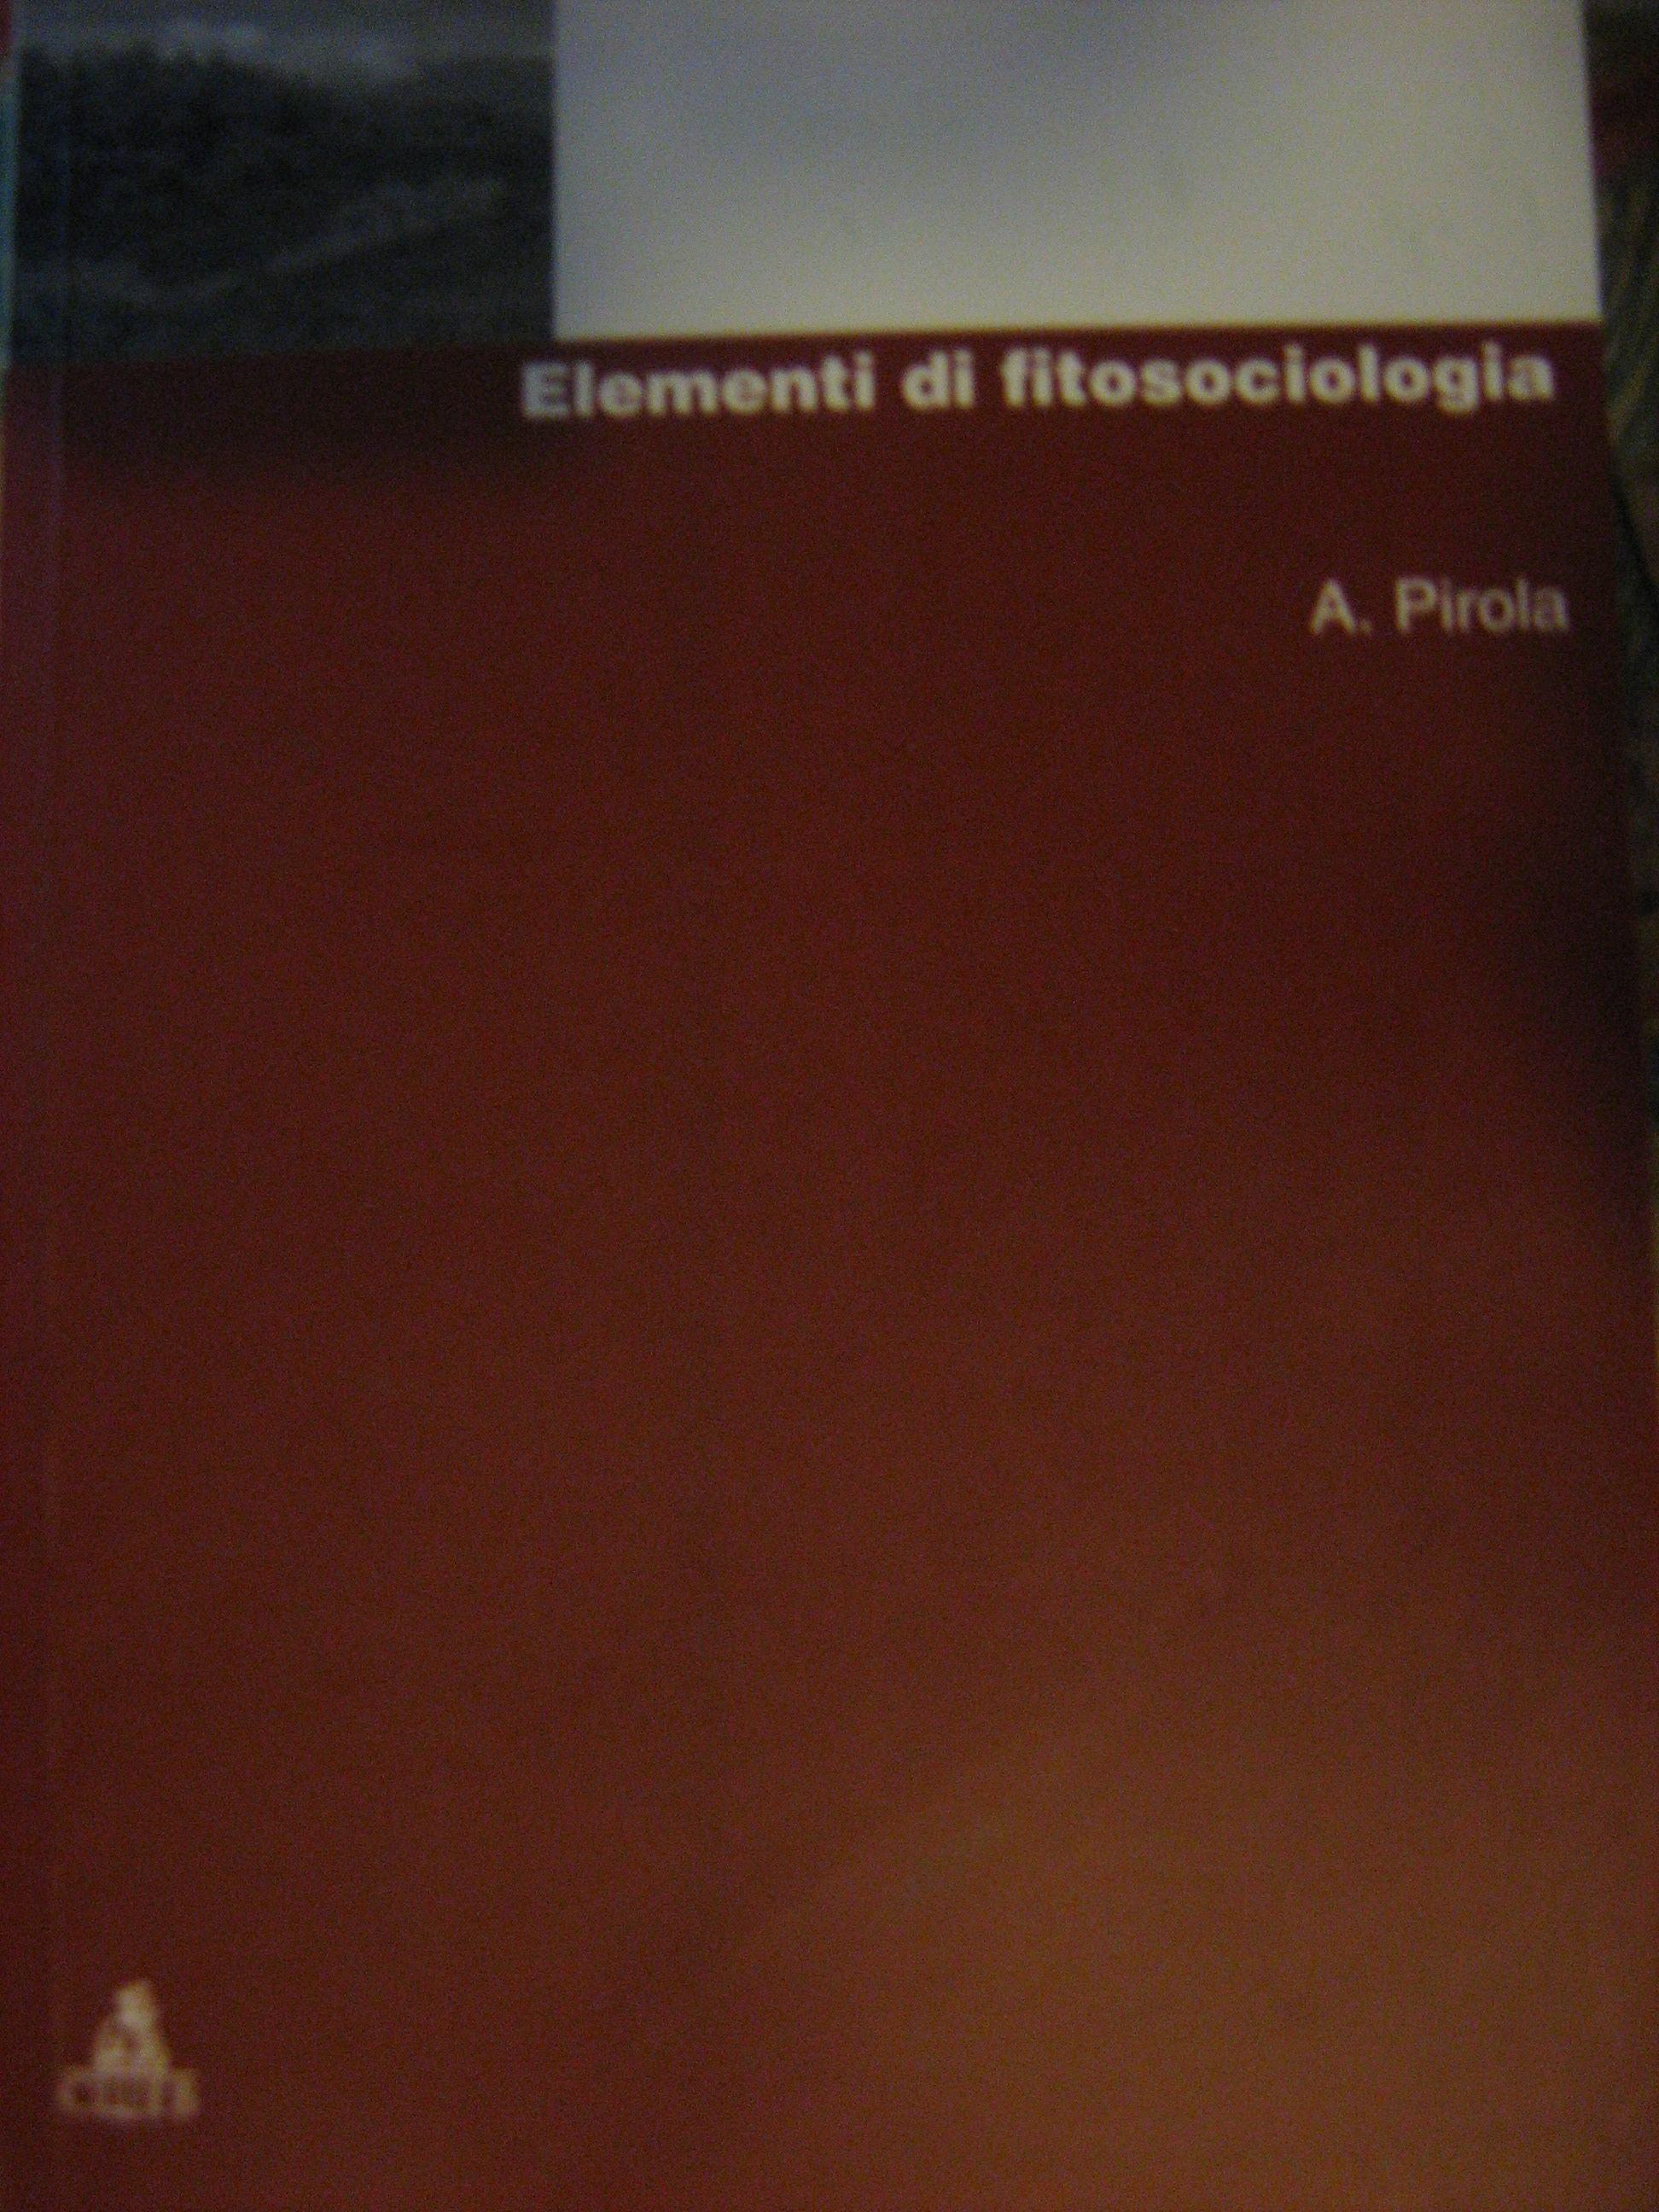 Elementi di fitosociologia